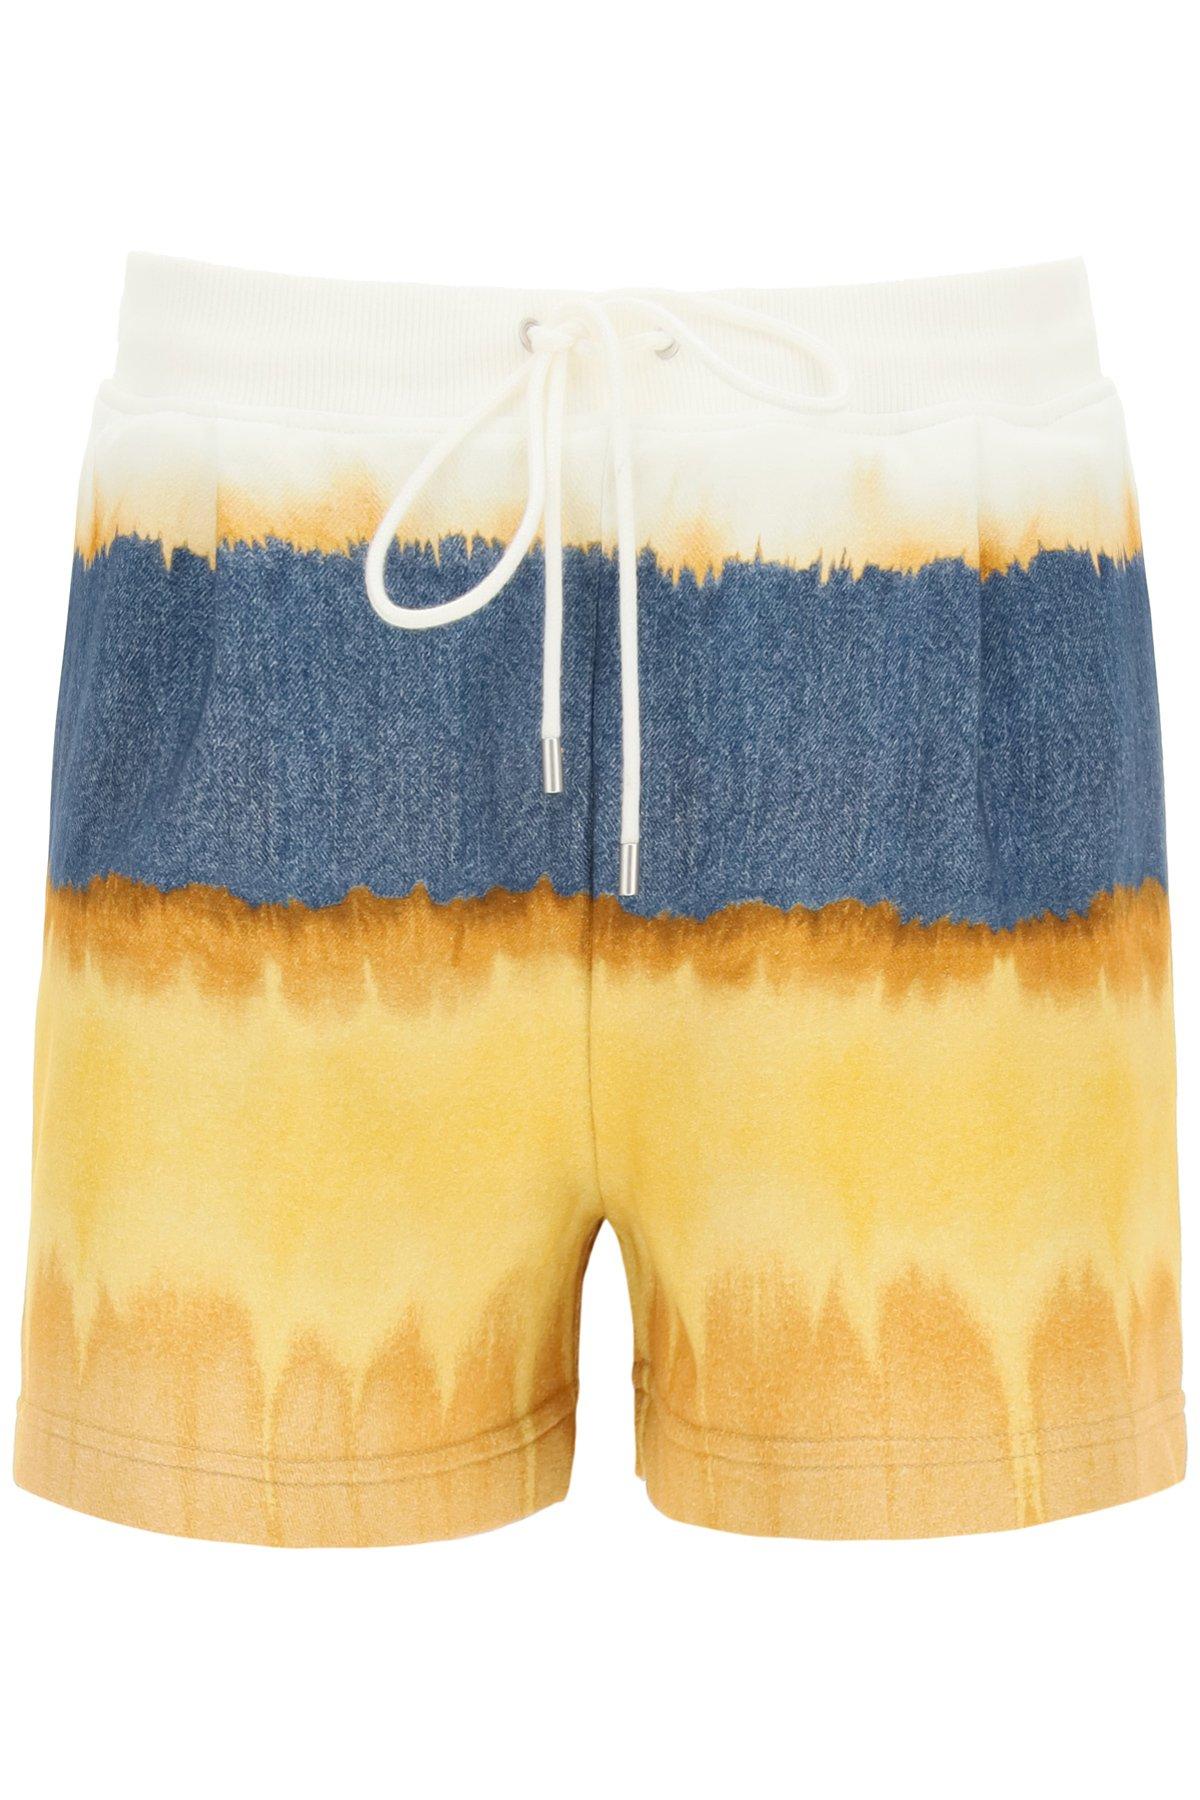 Alberta ferretti shorts in jersey tie-dye i love summer